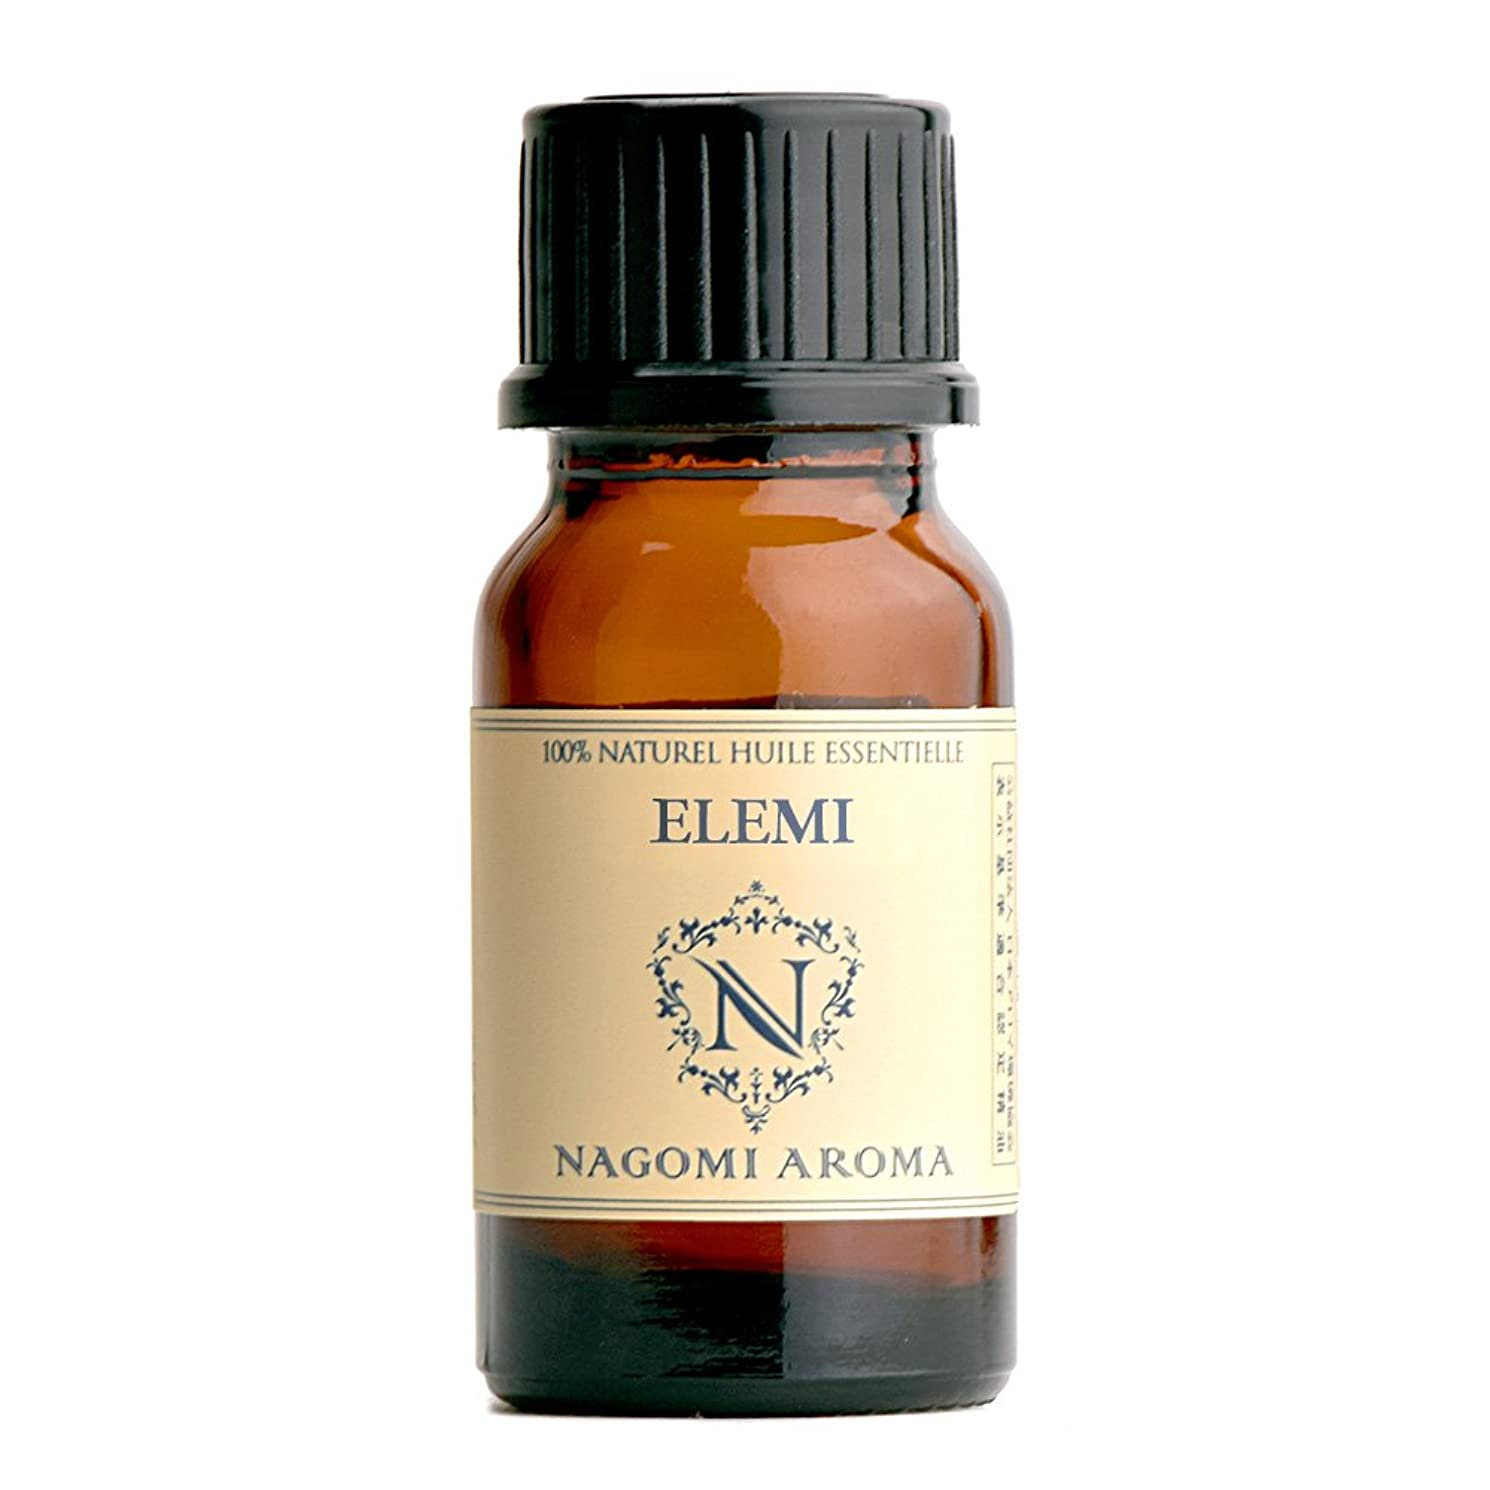 ポジティブ順応性のある経由でNAGOMI AROMA エレミ 10ml 【AEAJ認定精油】【アロマオイル】